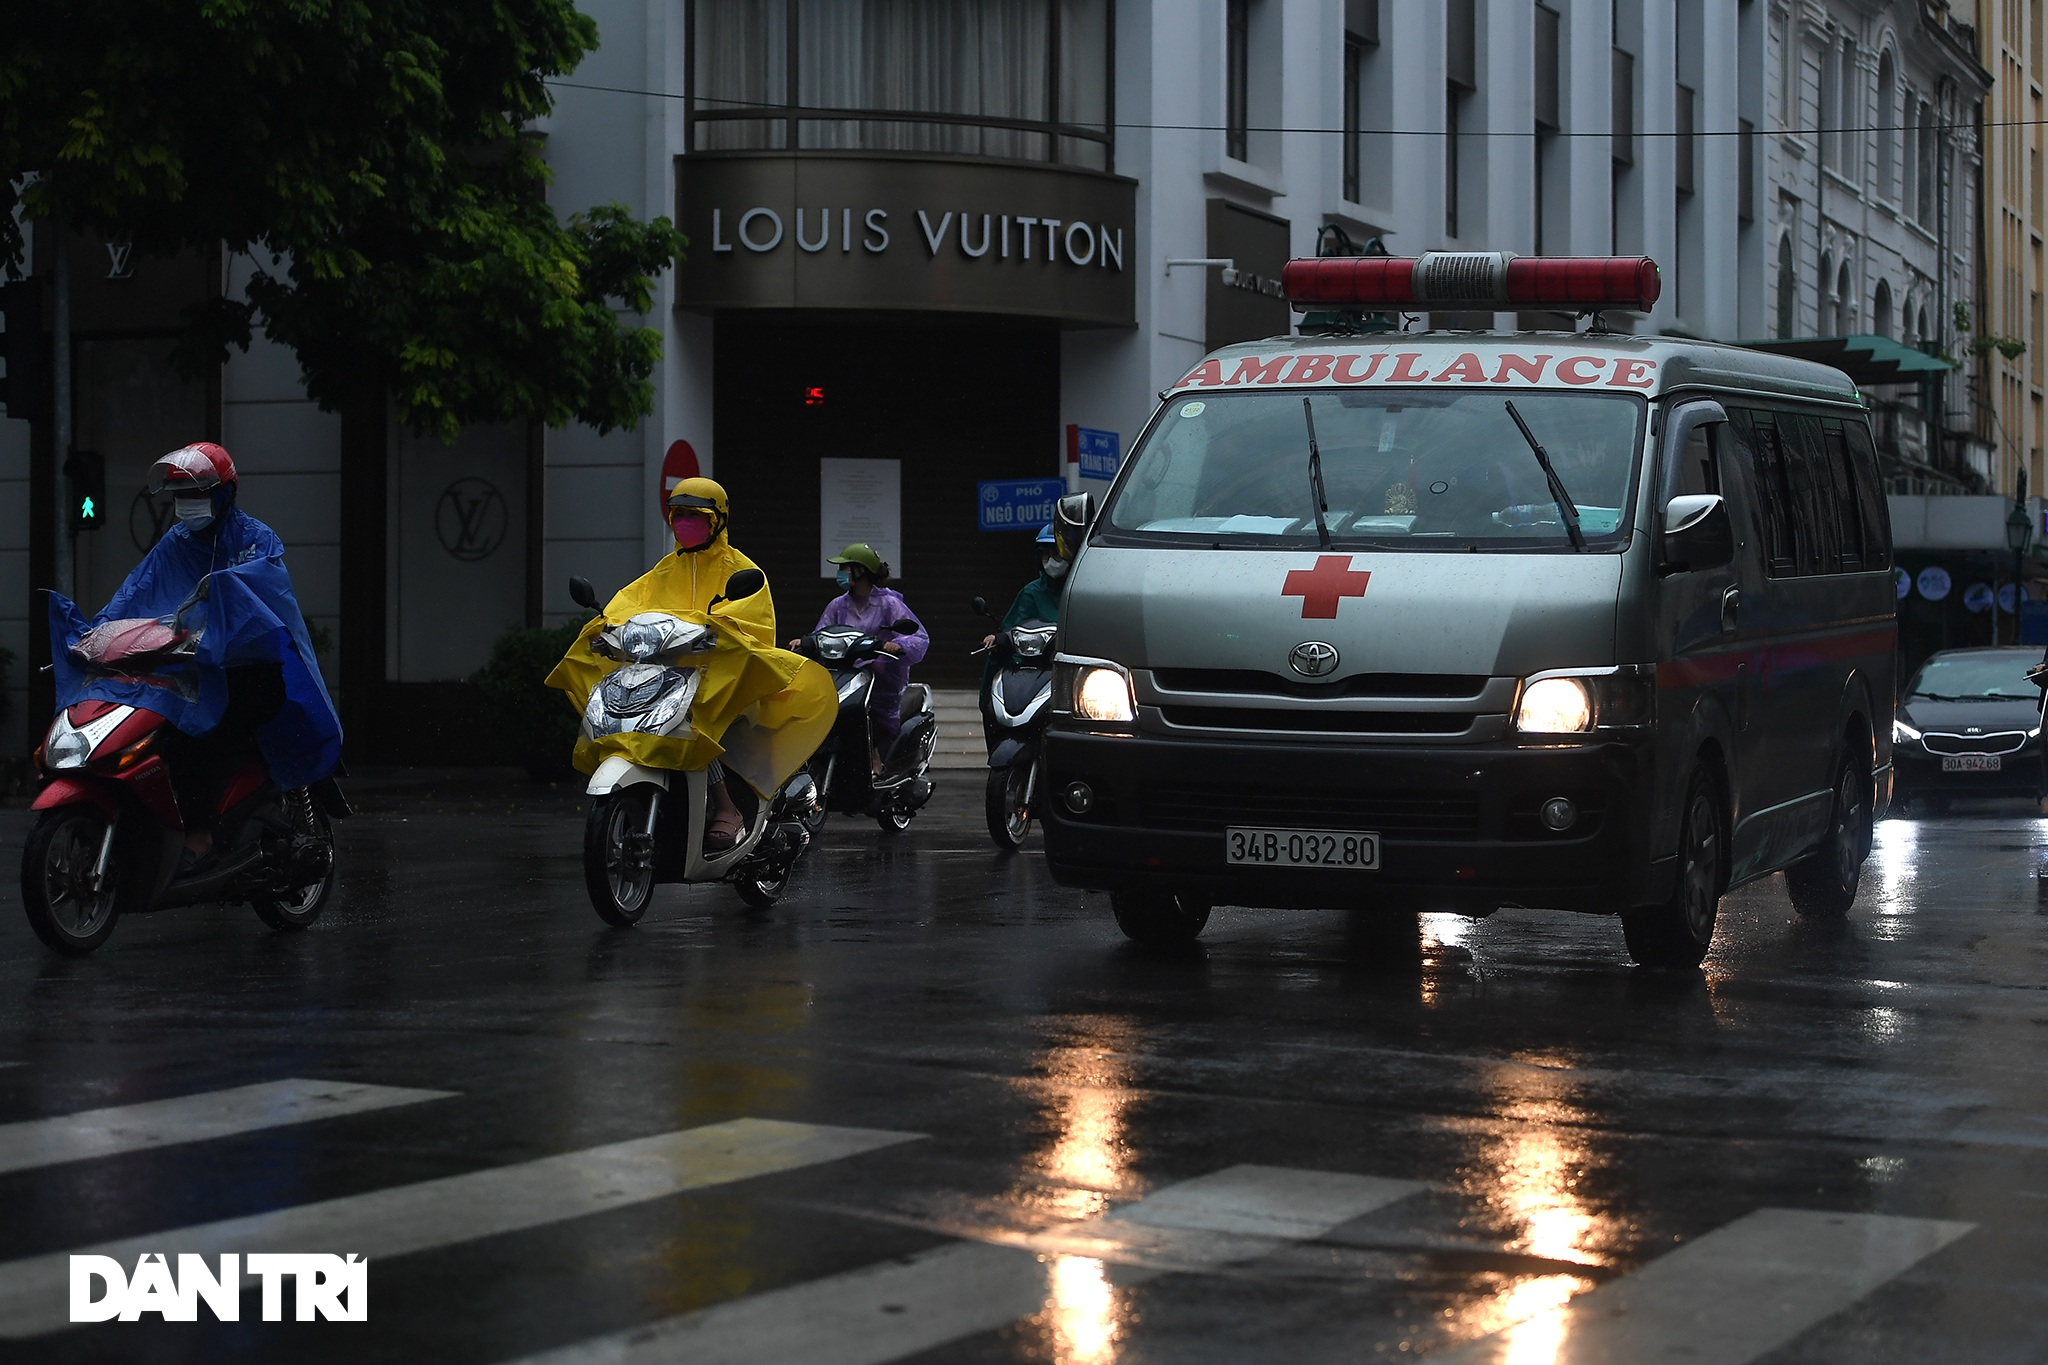 Bầu trời Hà Nội tối sầm sau mưa, xe cộ bật đèn pha lưu thông giữa ban ngày - 5